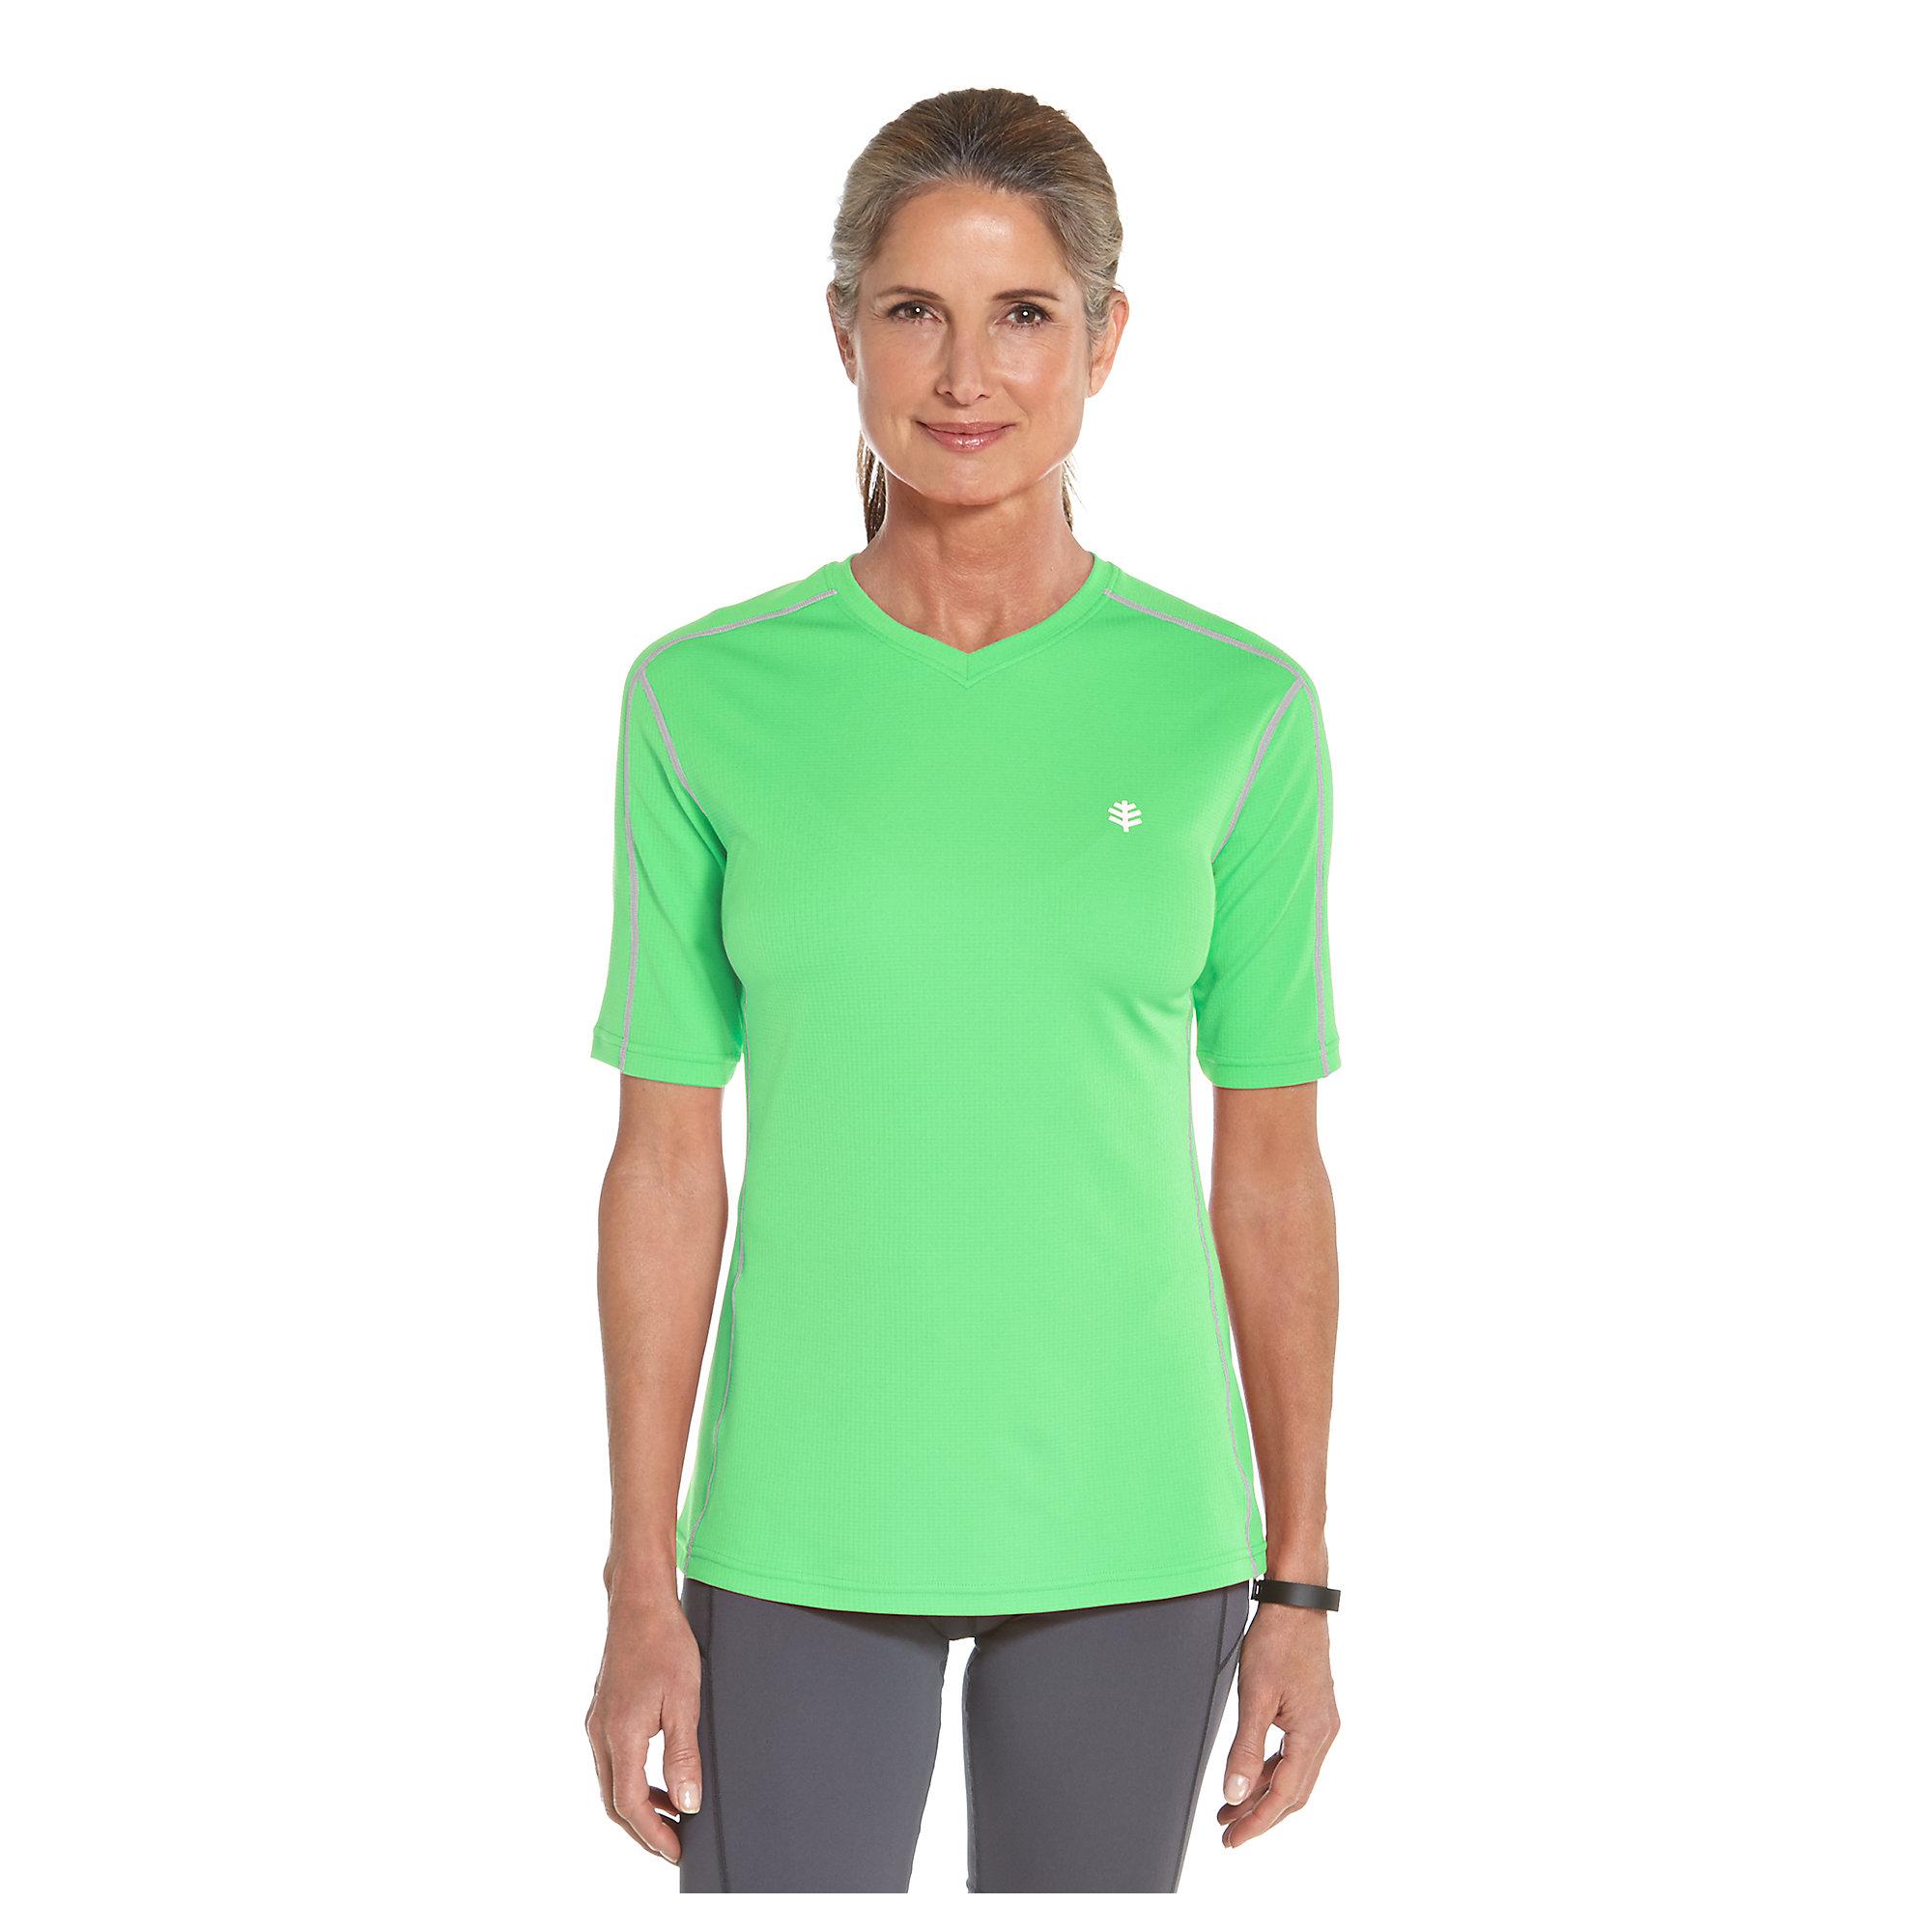 Coolibar upf 50 women 39 s short sleeve cool fitness shirt for Women s sunscreen shirts